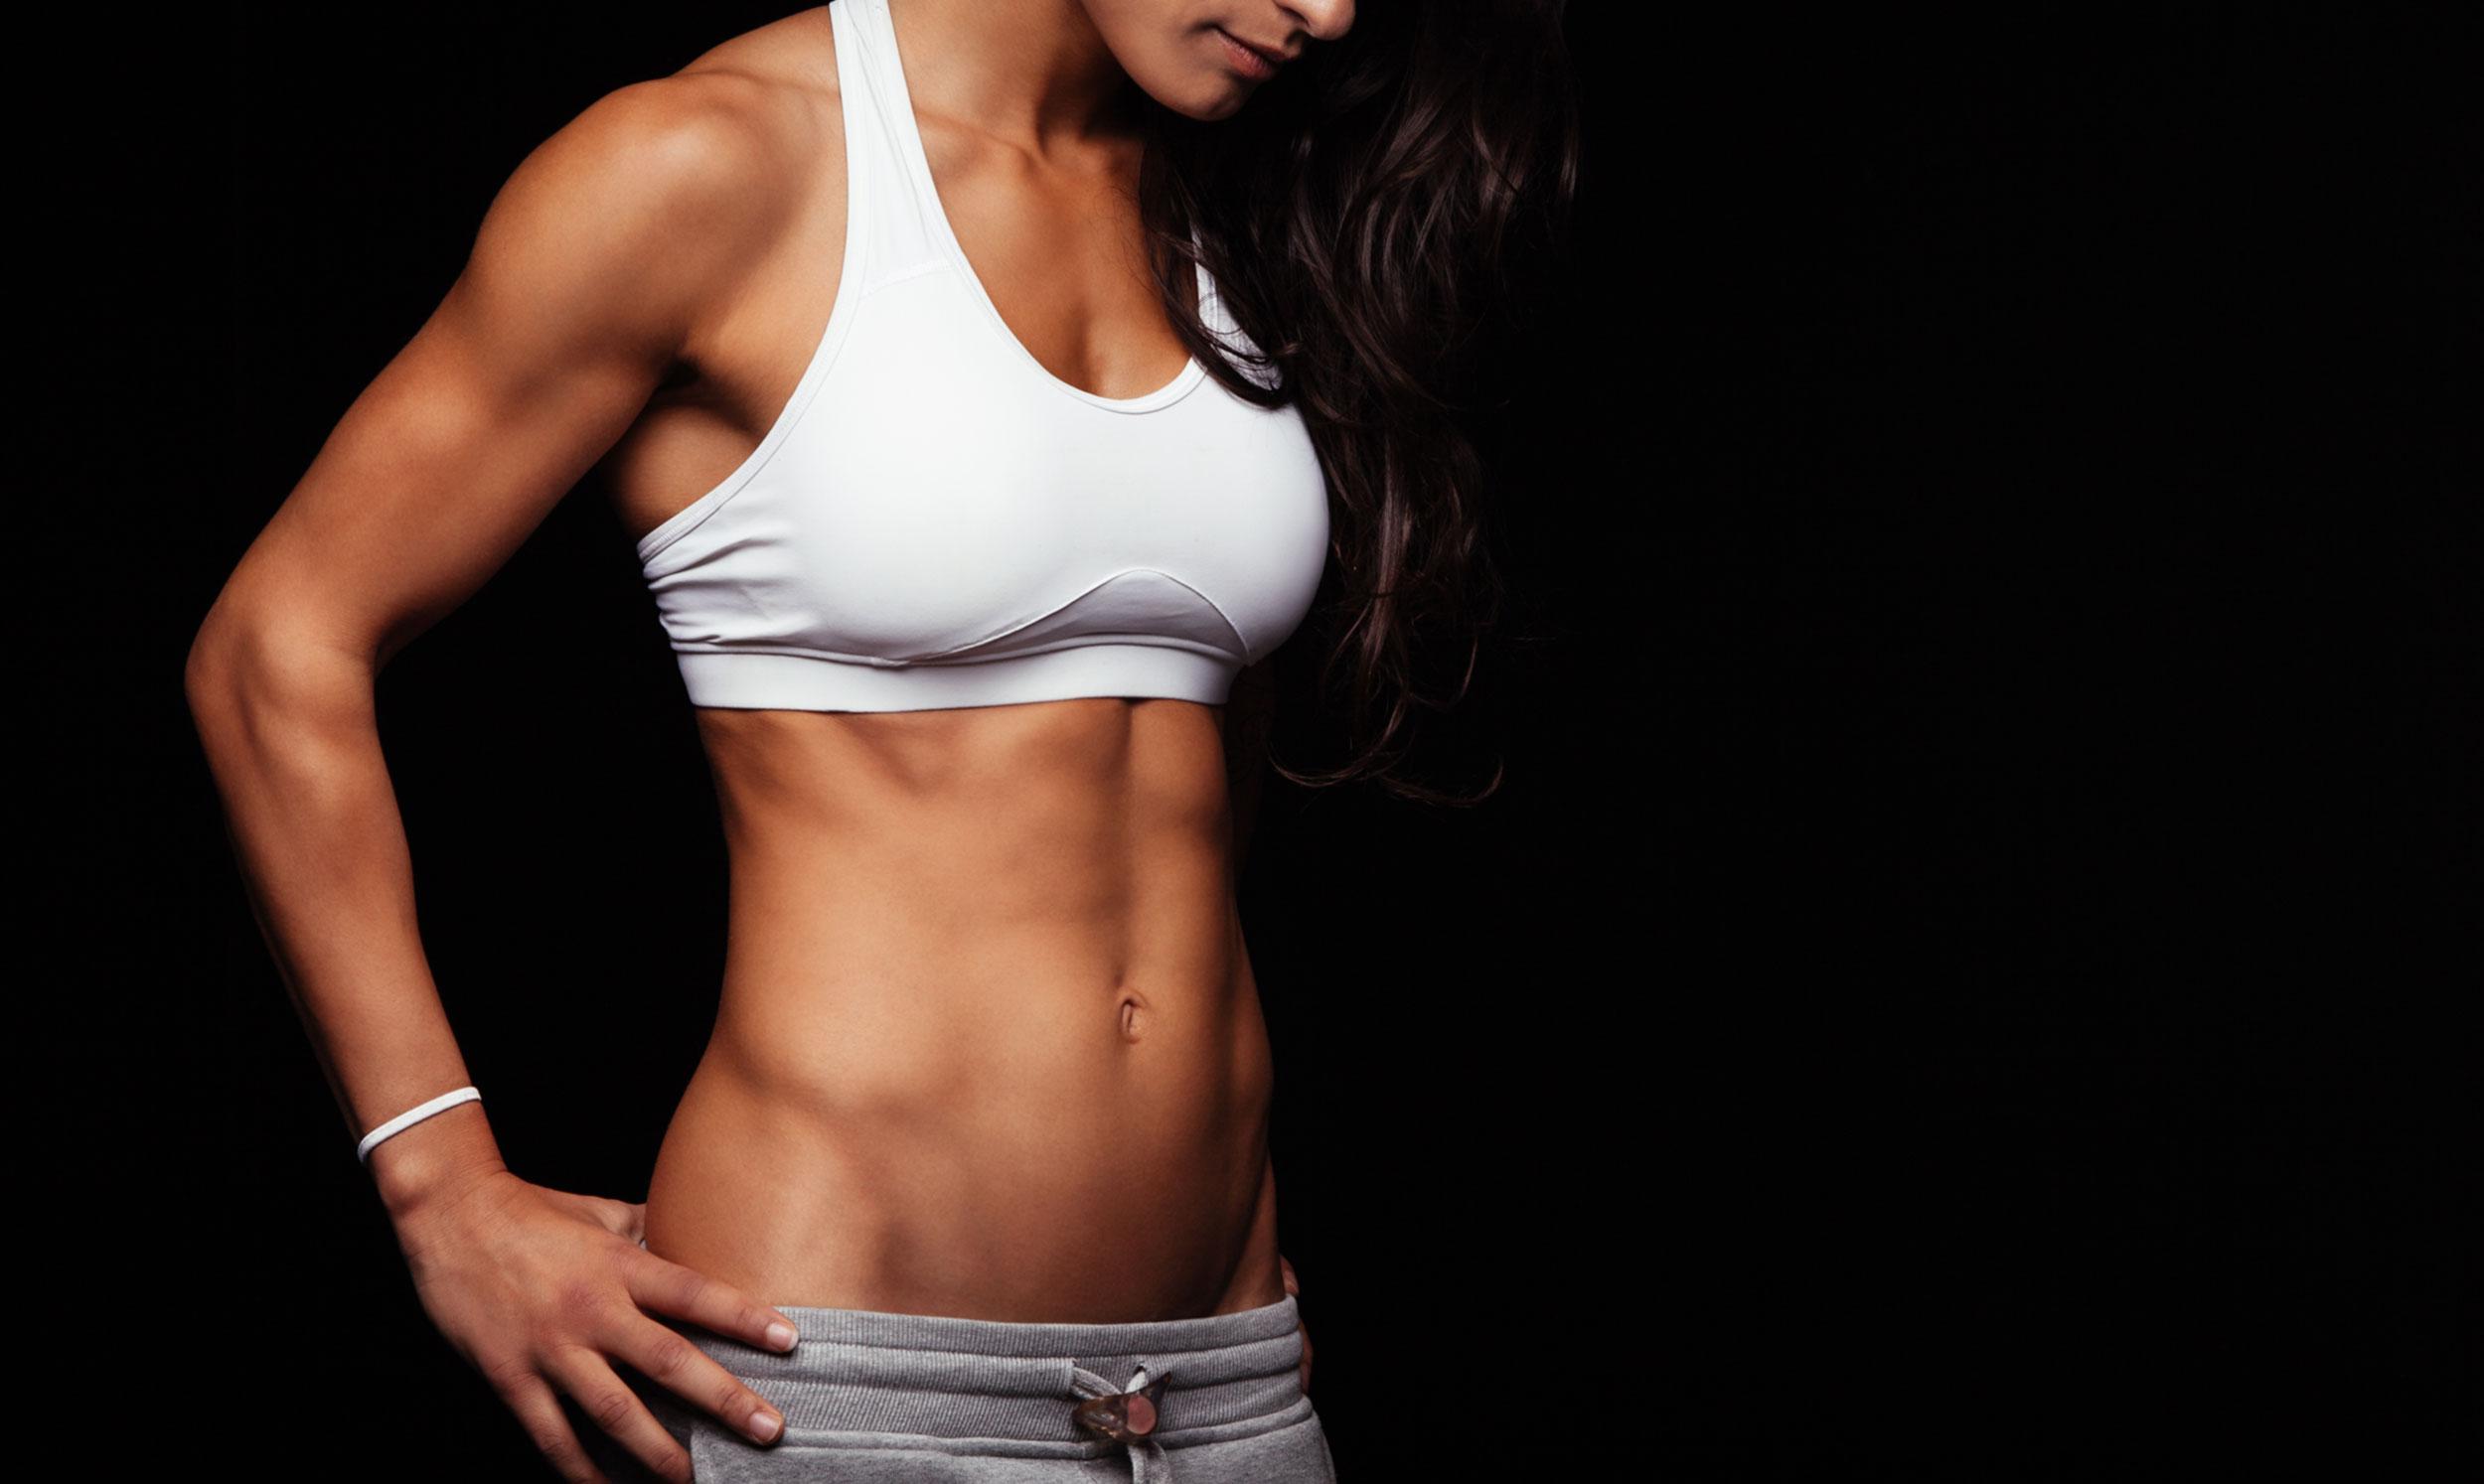 Sportliche Frau mit sichtbarer Bauchmuskulatur. ACTICORE hilft beim Training.